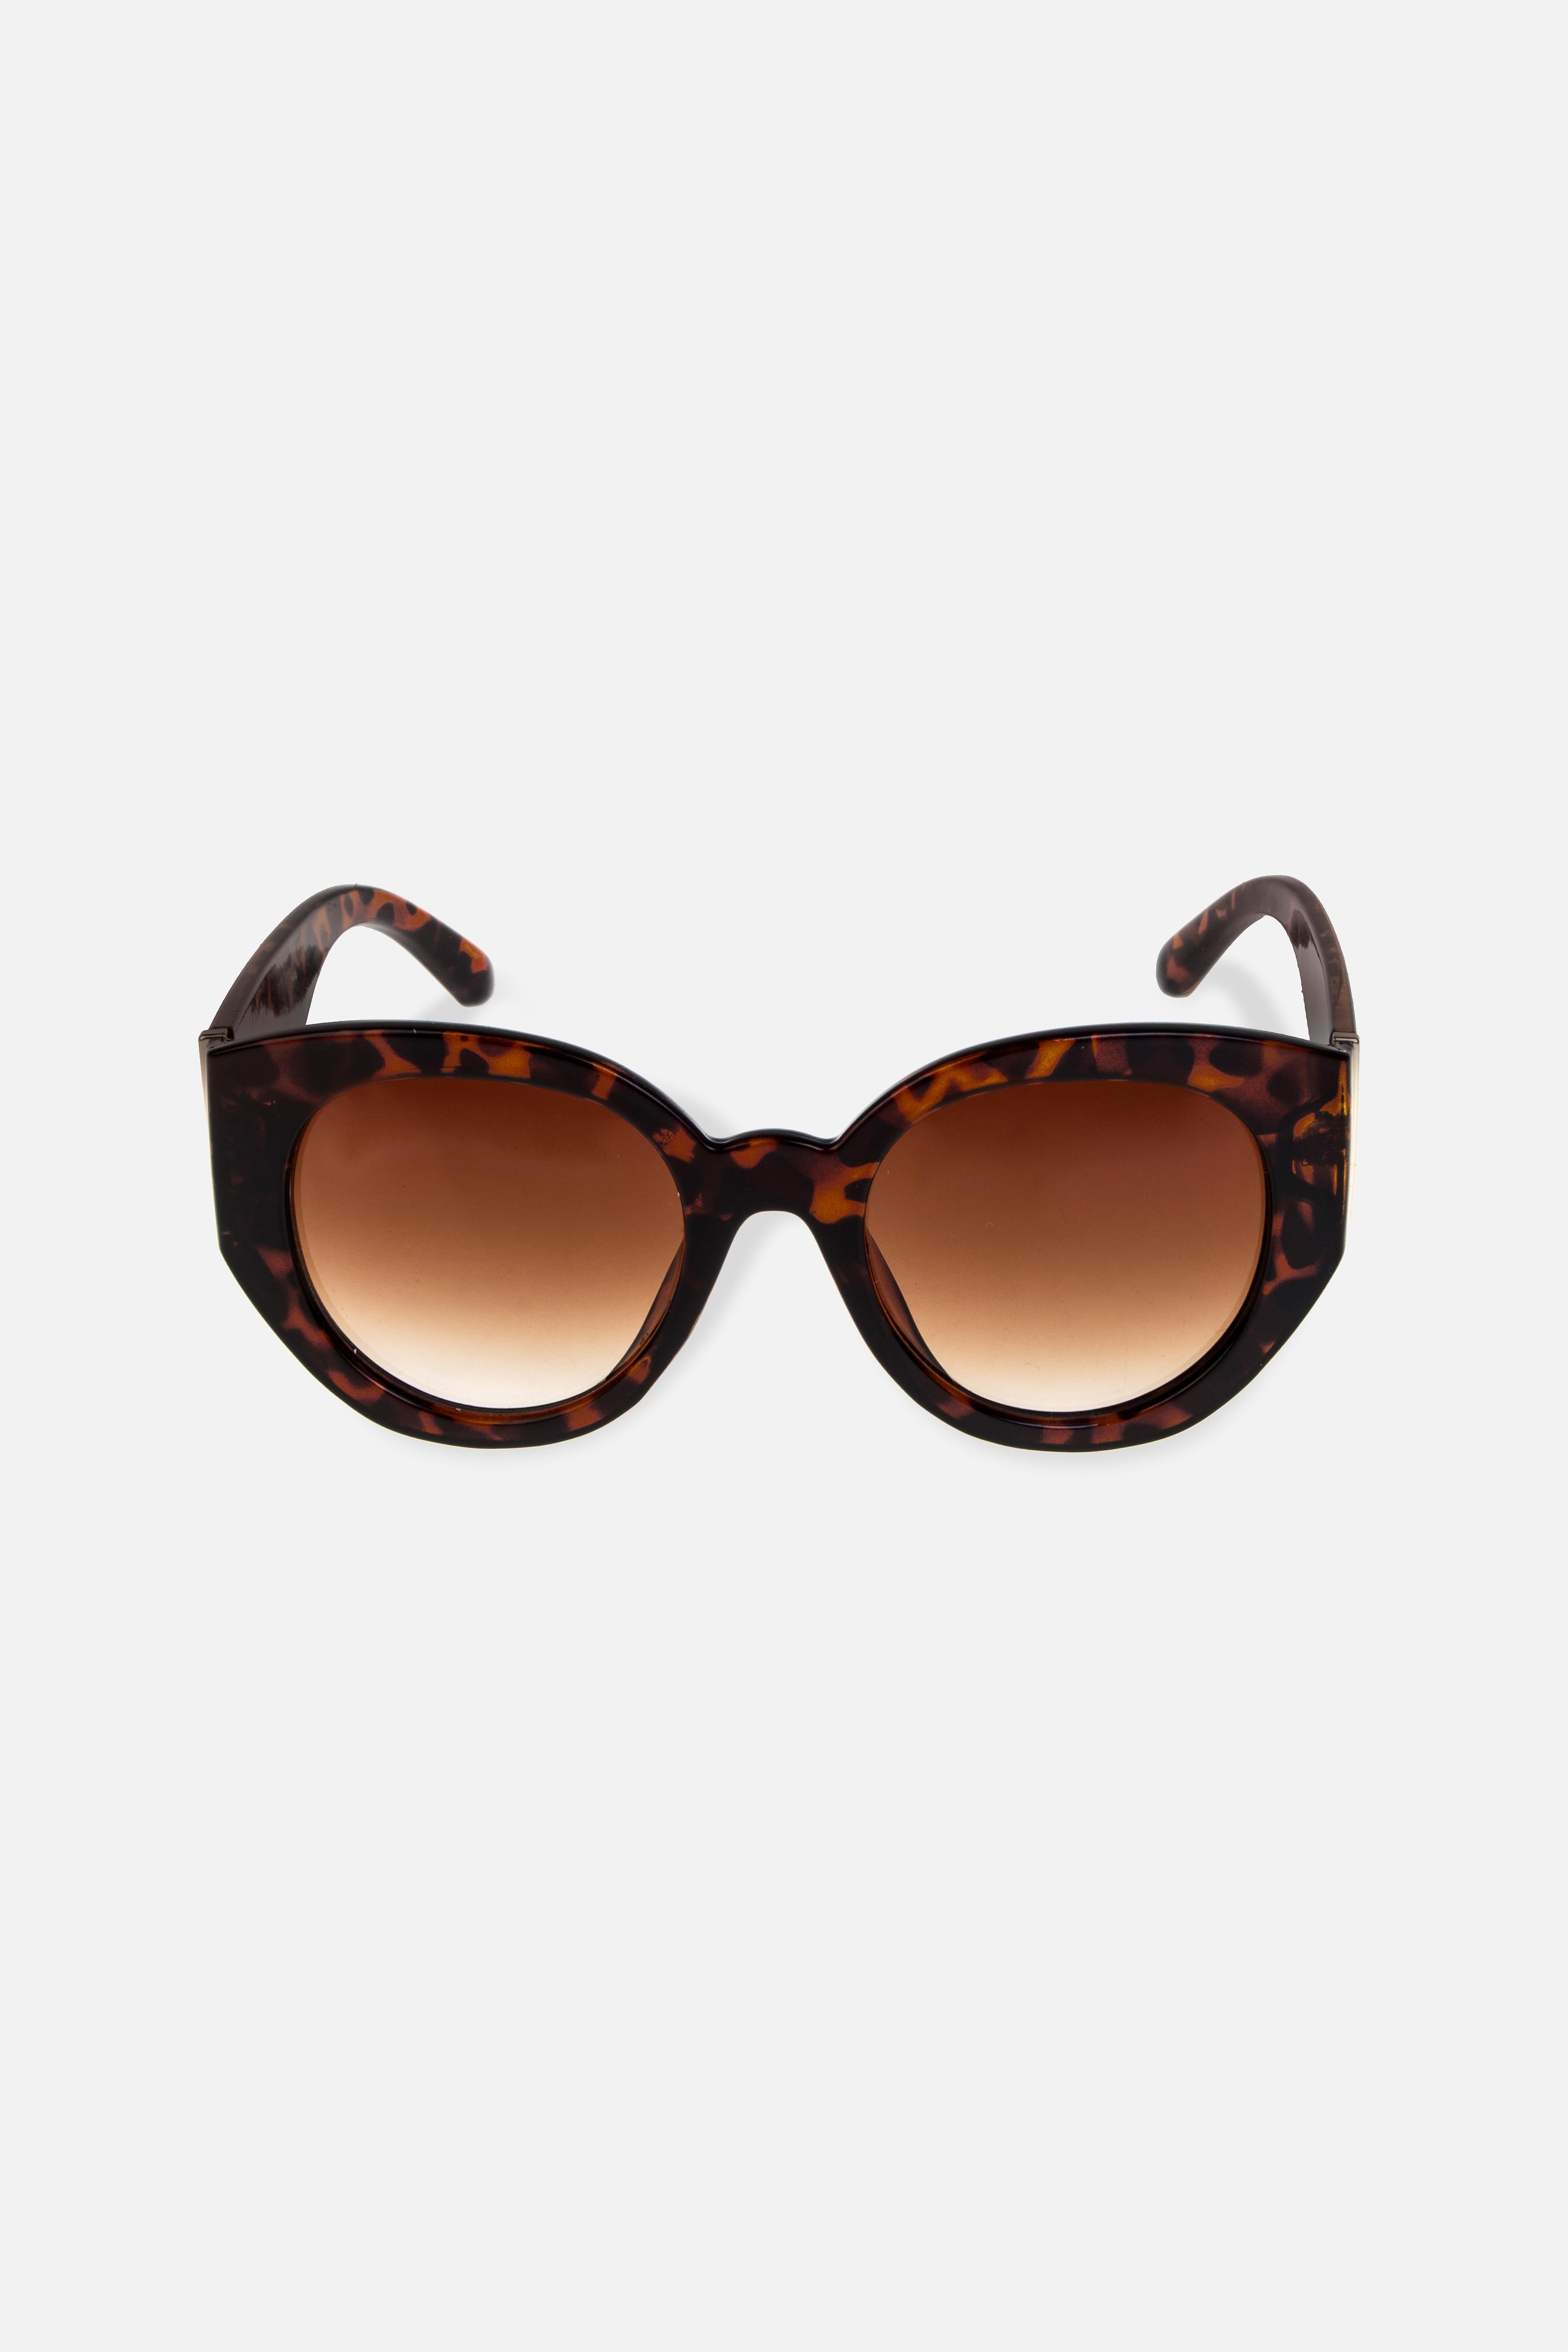 Очки солнцезащитные ДжулияРаспродажа Black Friday<br>Очки солнцезащитные. Высокая степень защиты от UV-излучения (UV400), степень затемнения 3. Материалы: пластик, металл. Защитный чехол и салфетка для линз в подарок<br>